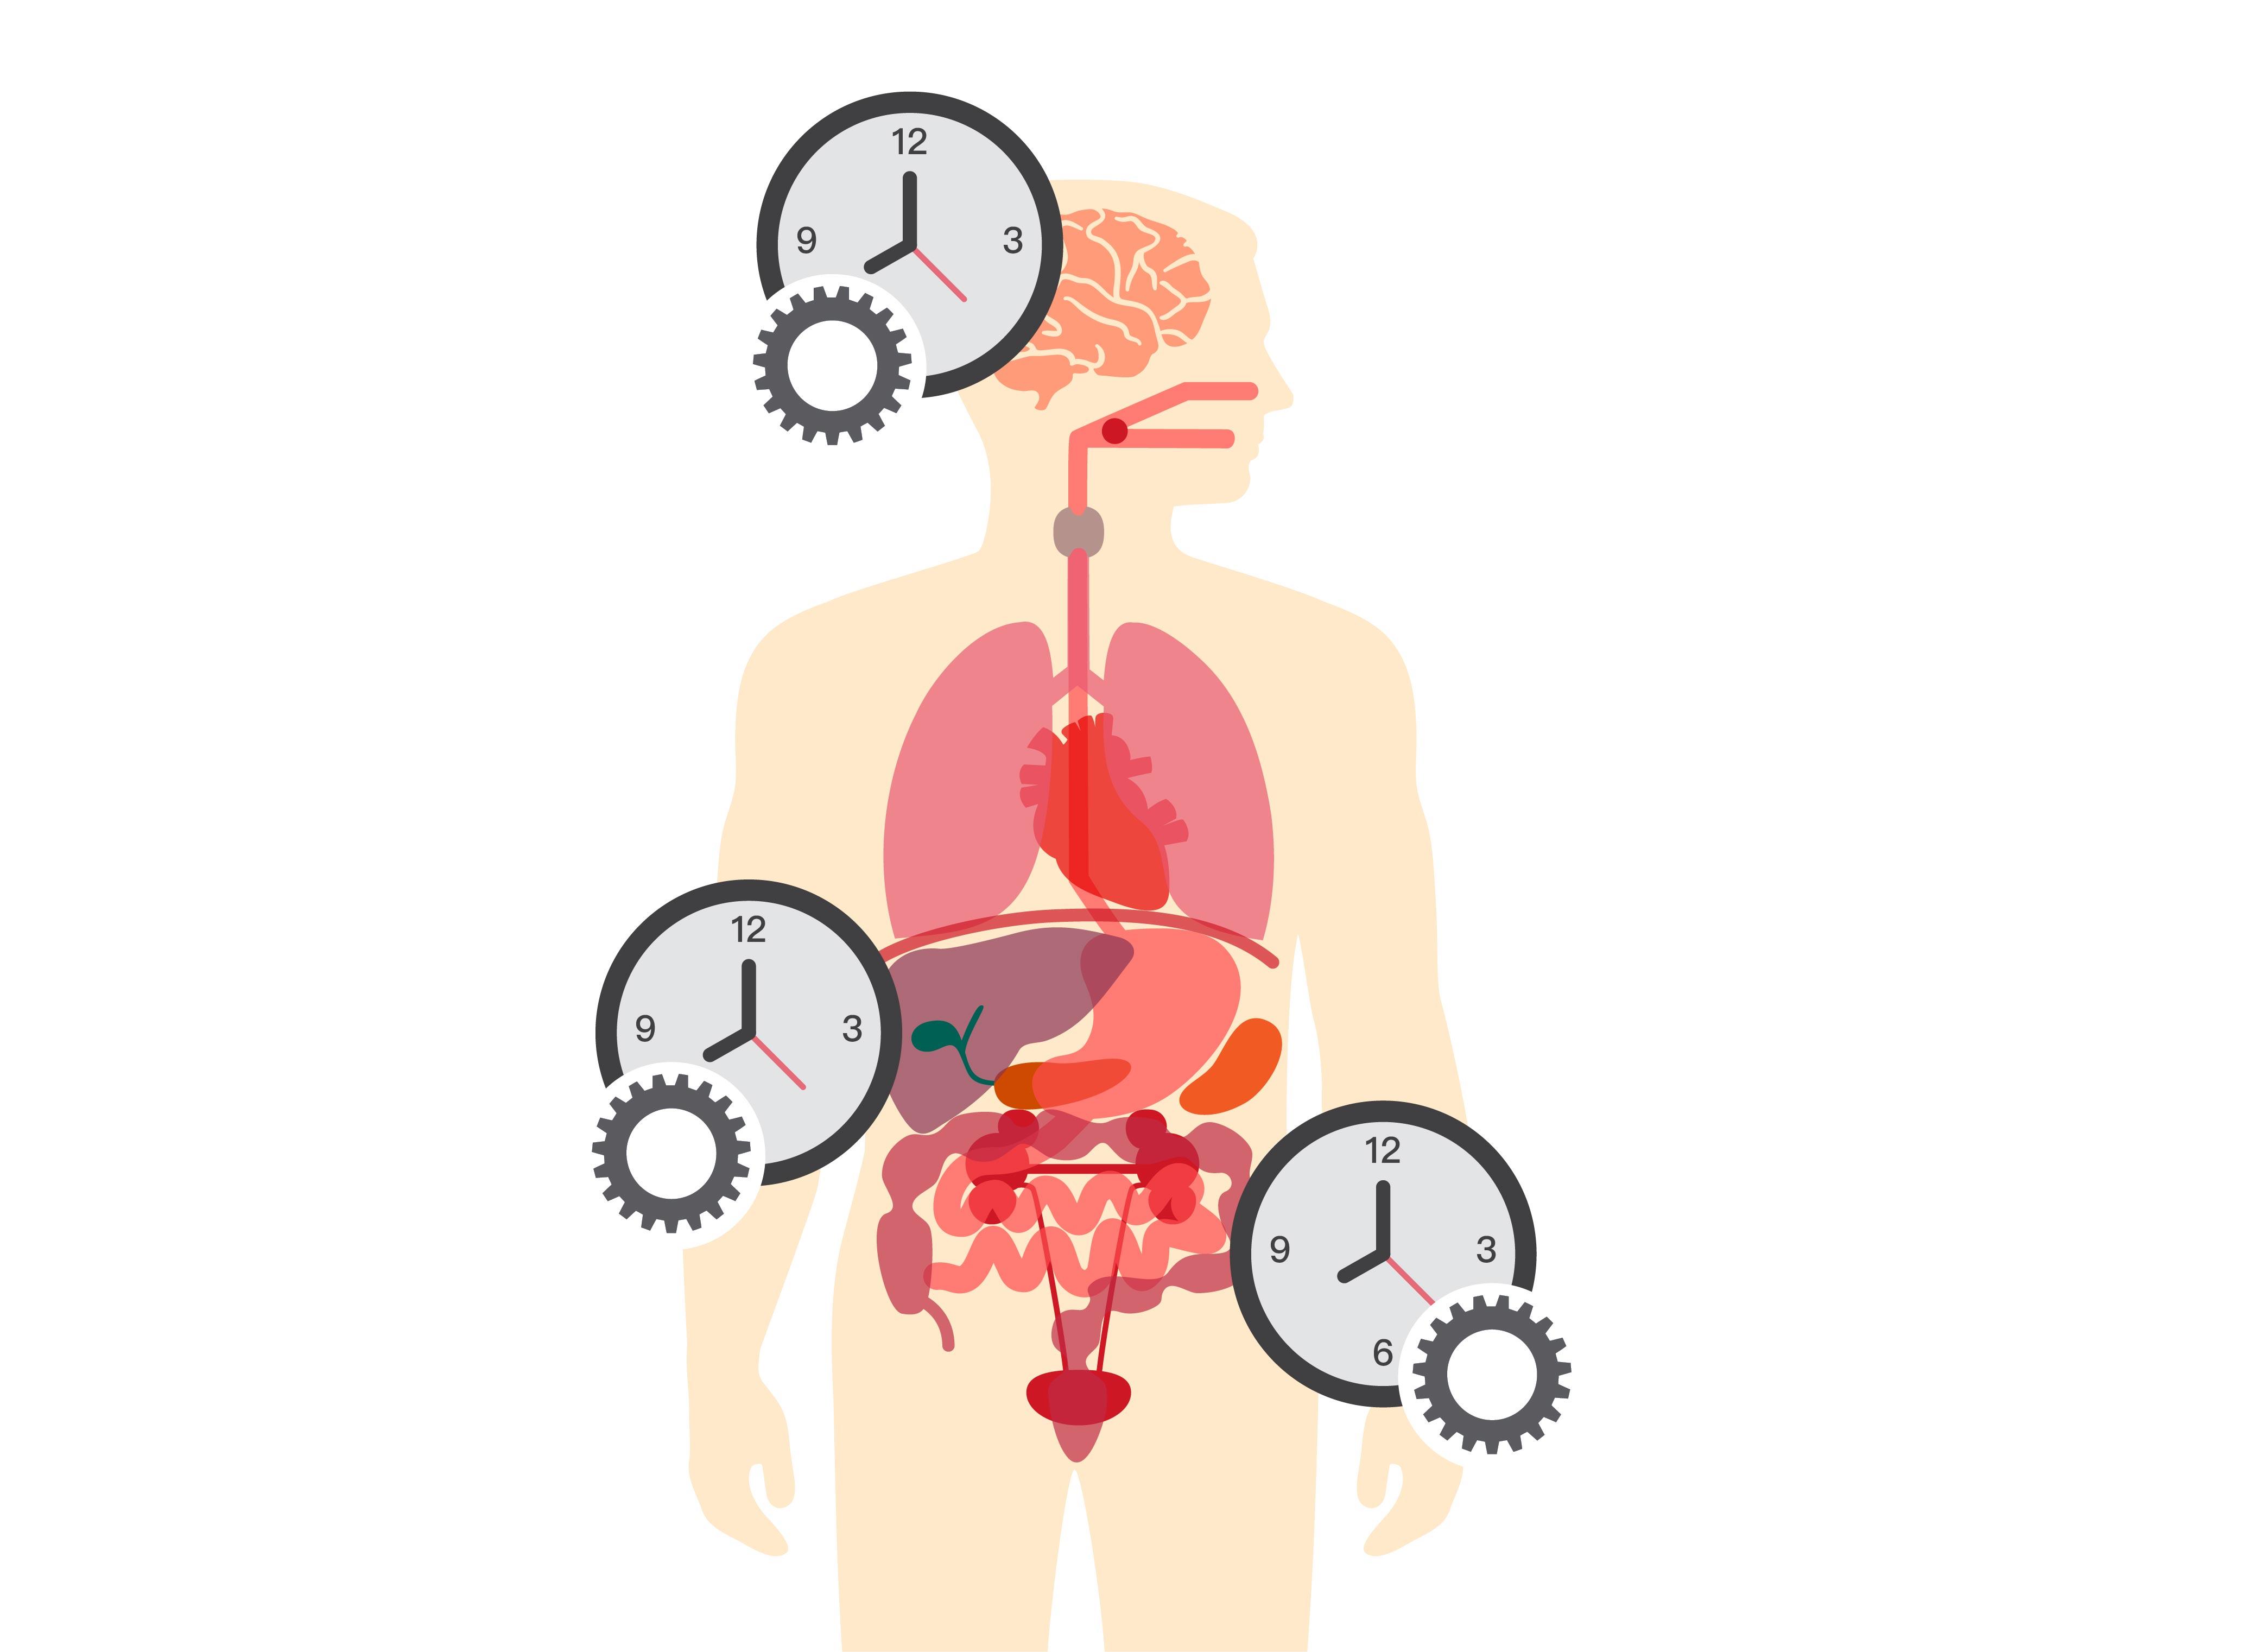 大腦是主要的生理時鐘,但體內各器官也有自己的生理時鐘,彼此會交互影響。圖│iStock (圖說原作│研之有物)